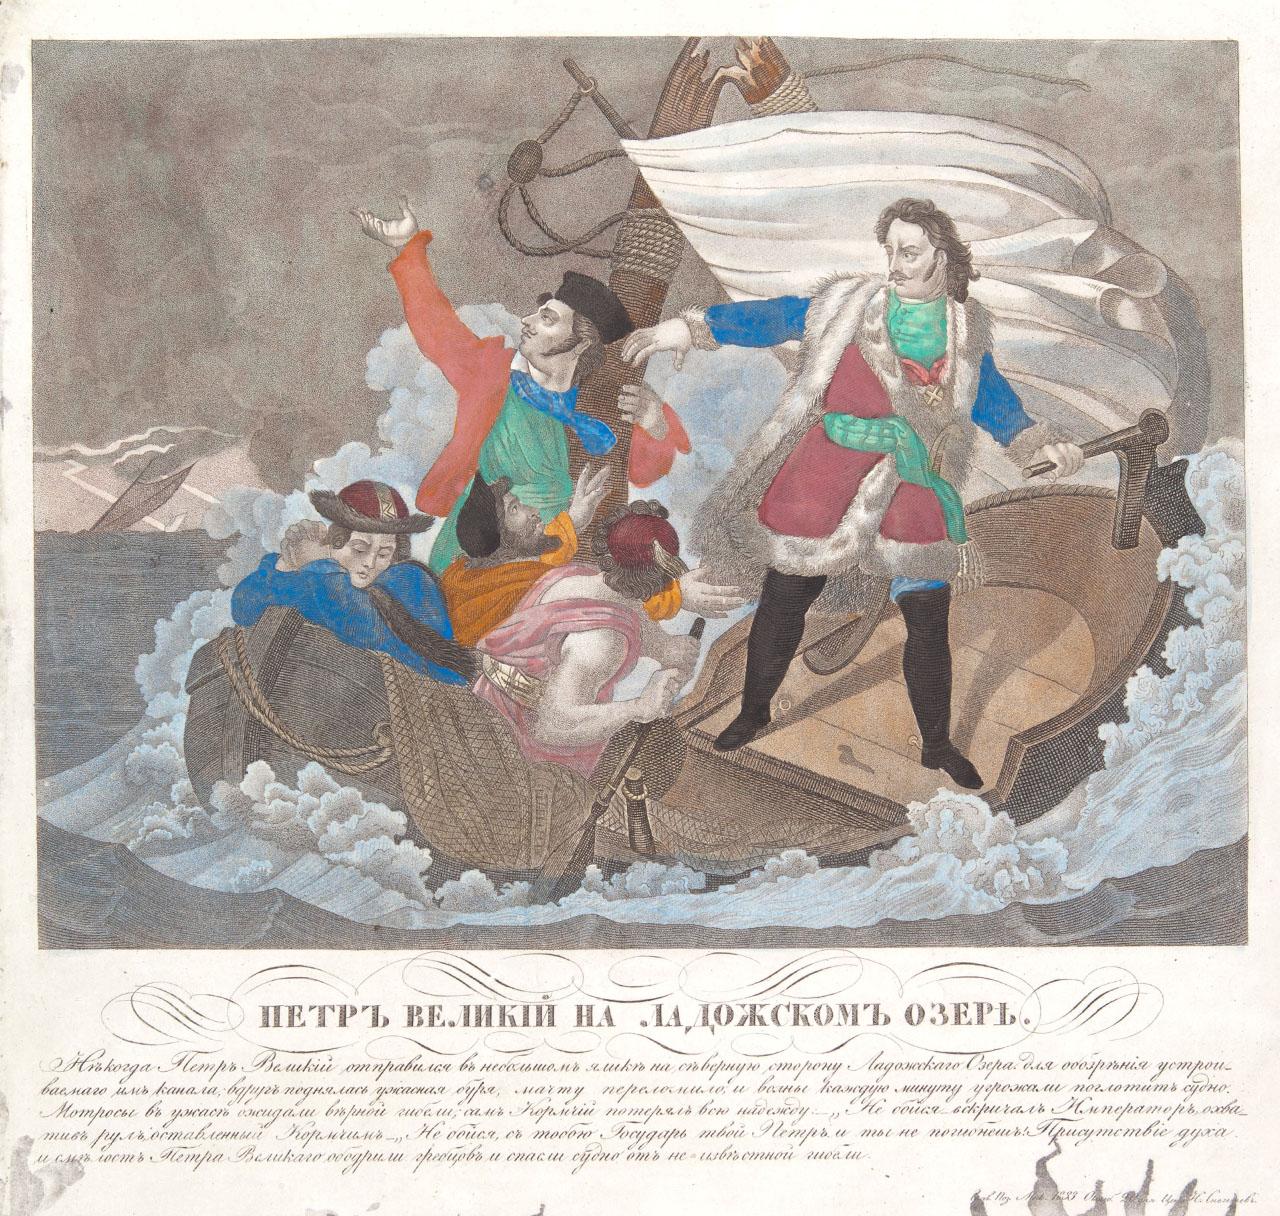 Der Lubok sollte nicht nur unterhalten, sondern auch informieren – als Zeitungsersatz für die Analphabeten im Russischen Reich. / Peter der Große auf dem Ladogasee; 1833